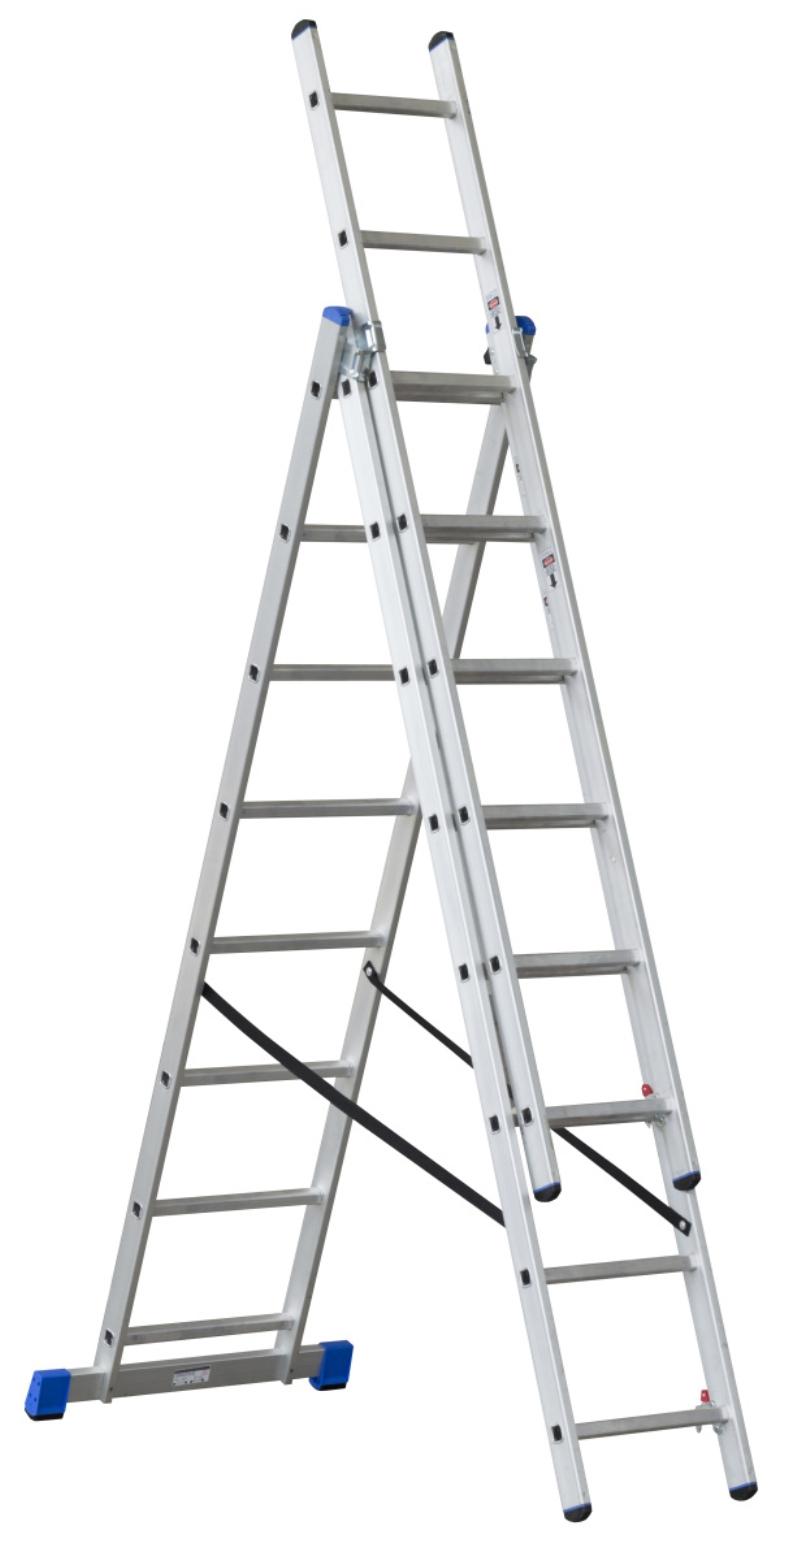 G21 Třídílný žebřík 5,1m 3 x 8 příček - G21 6390383